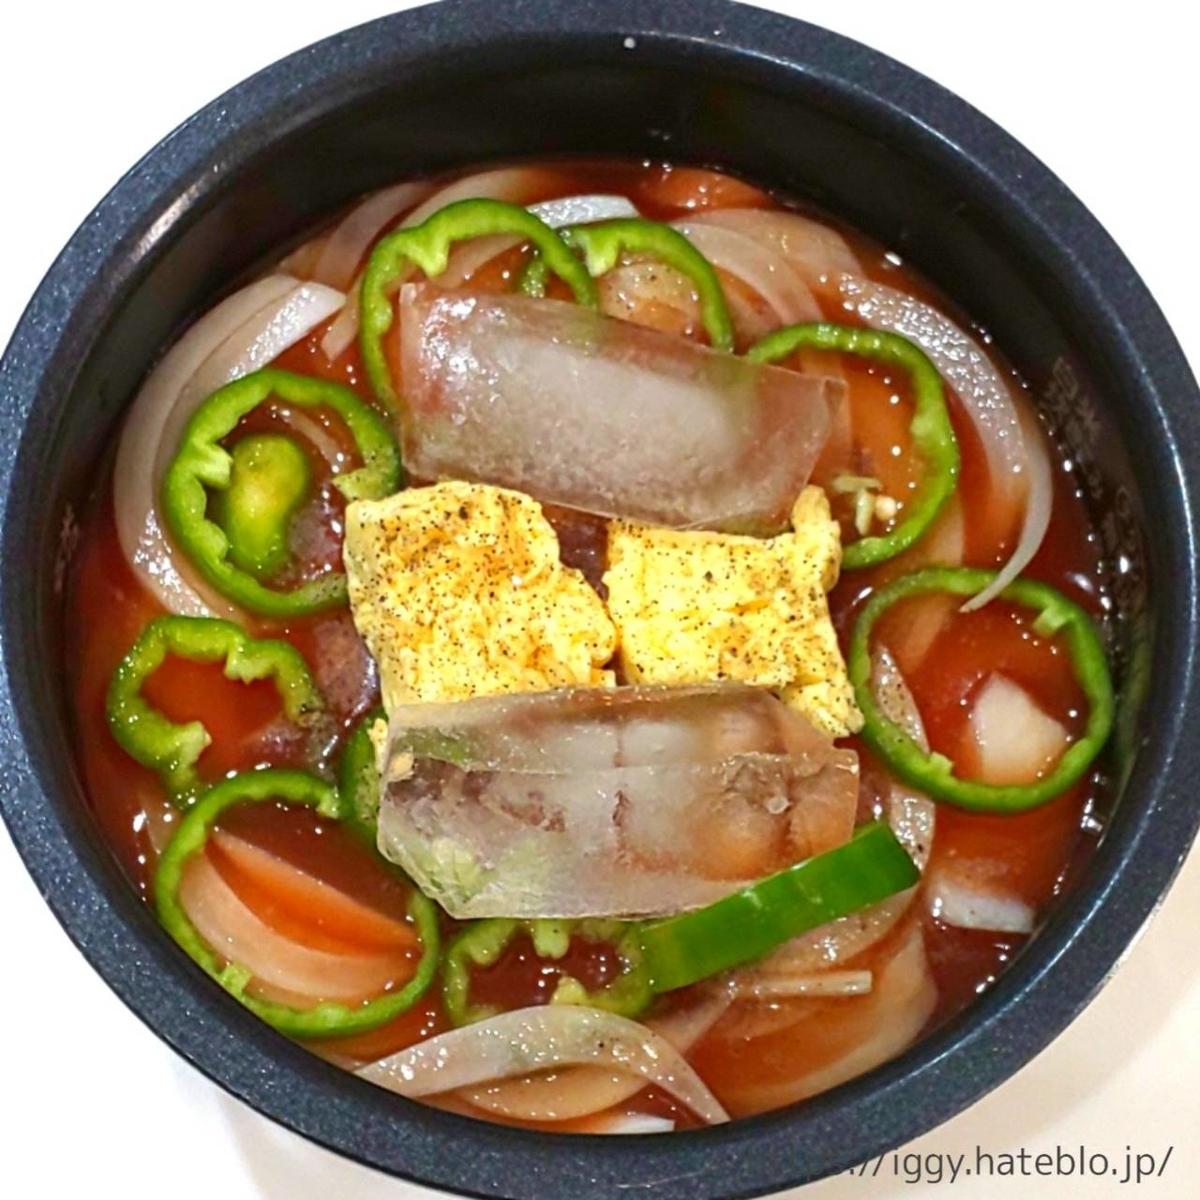 相葉マナブ「おうちで釜-1グランプリ」レシピ「ナポリタン炊き込みご飯」LIFE